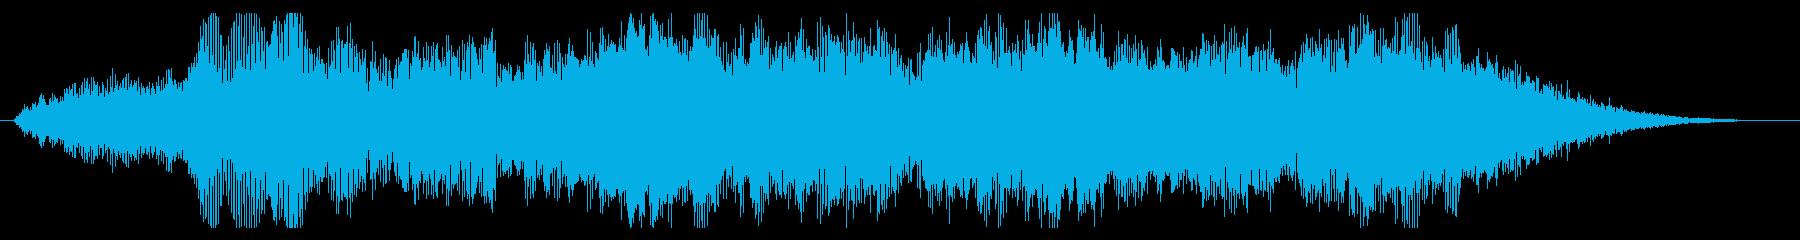 トランジション パッドスイープベント02の再生済みの波形